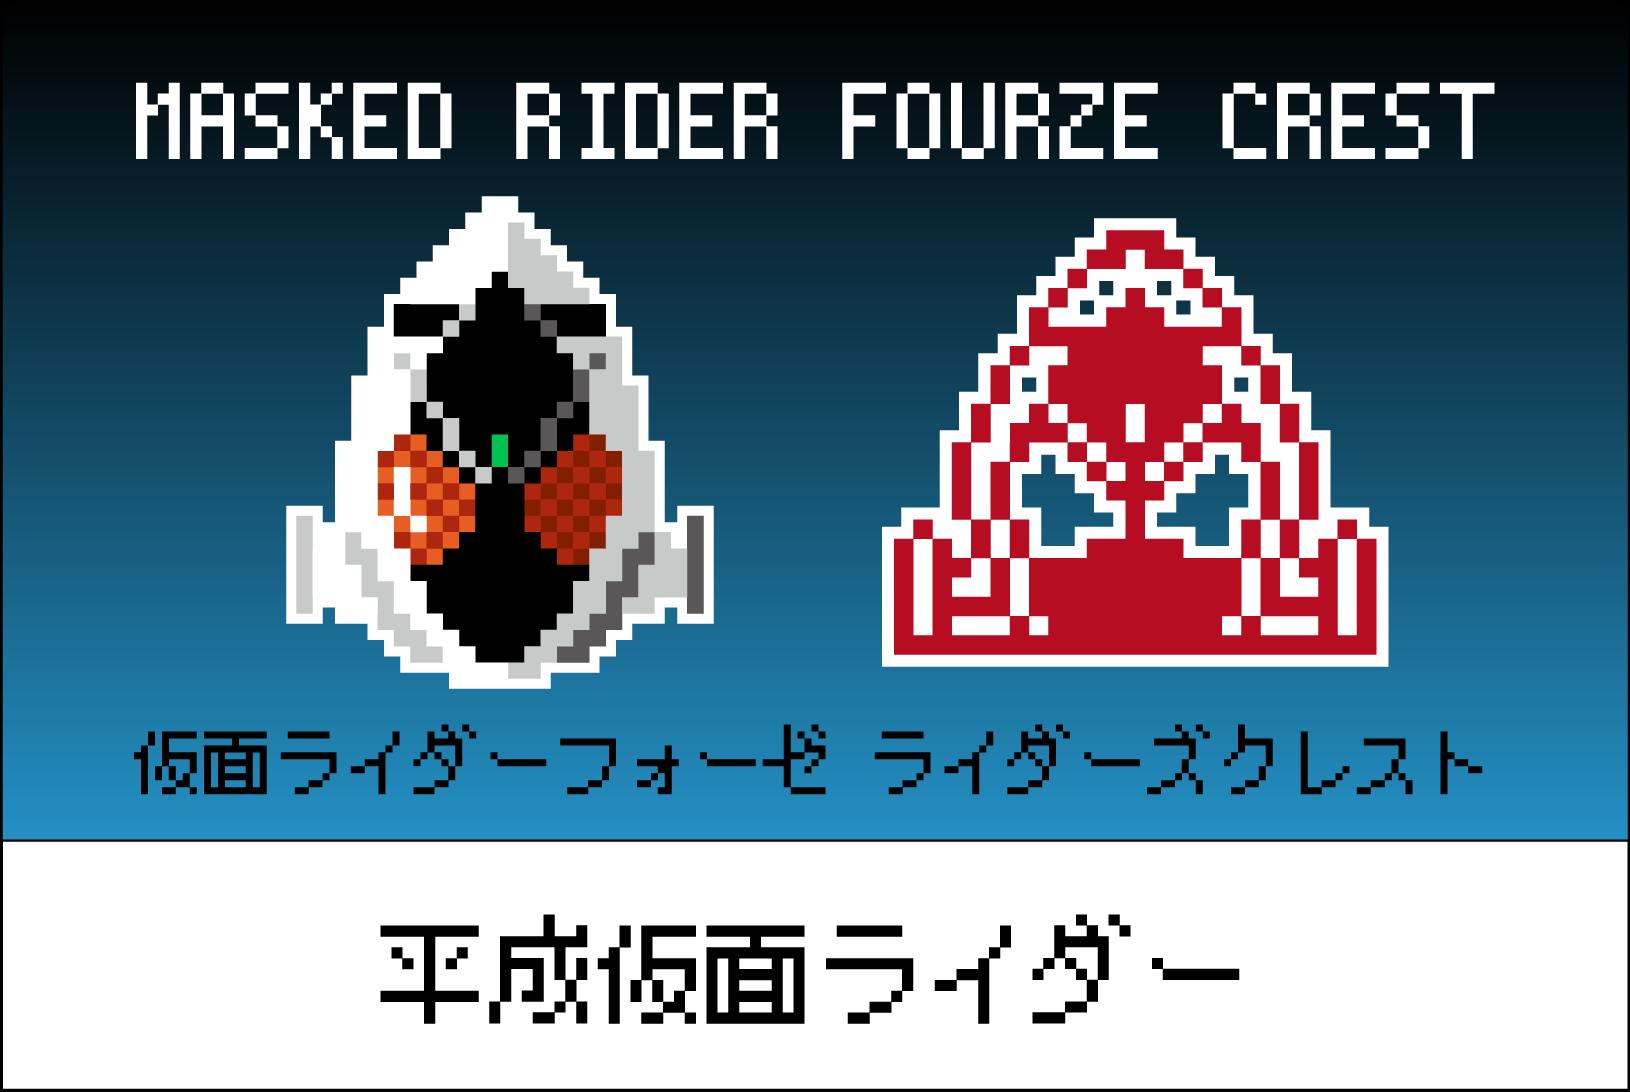 【平成仮面ライダーシリーズ】仮面ライダーフォーゼ ライダーズクレストの図案【紋章・マーク】